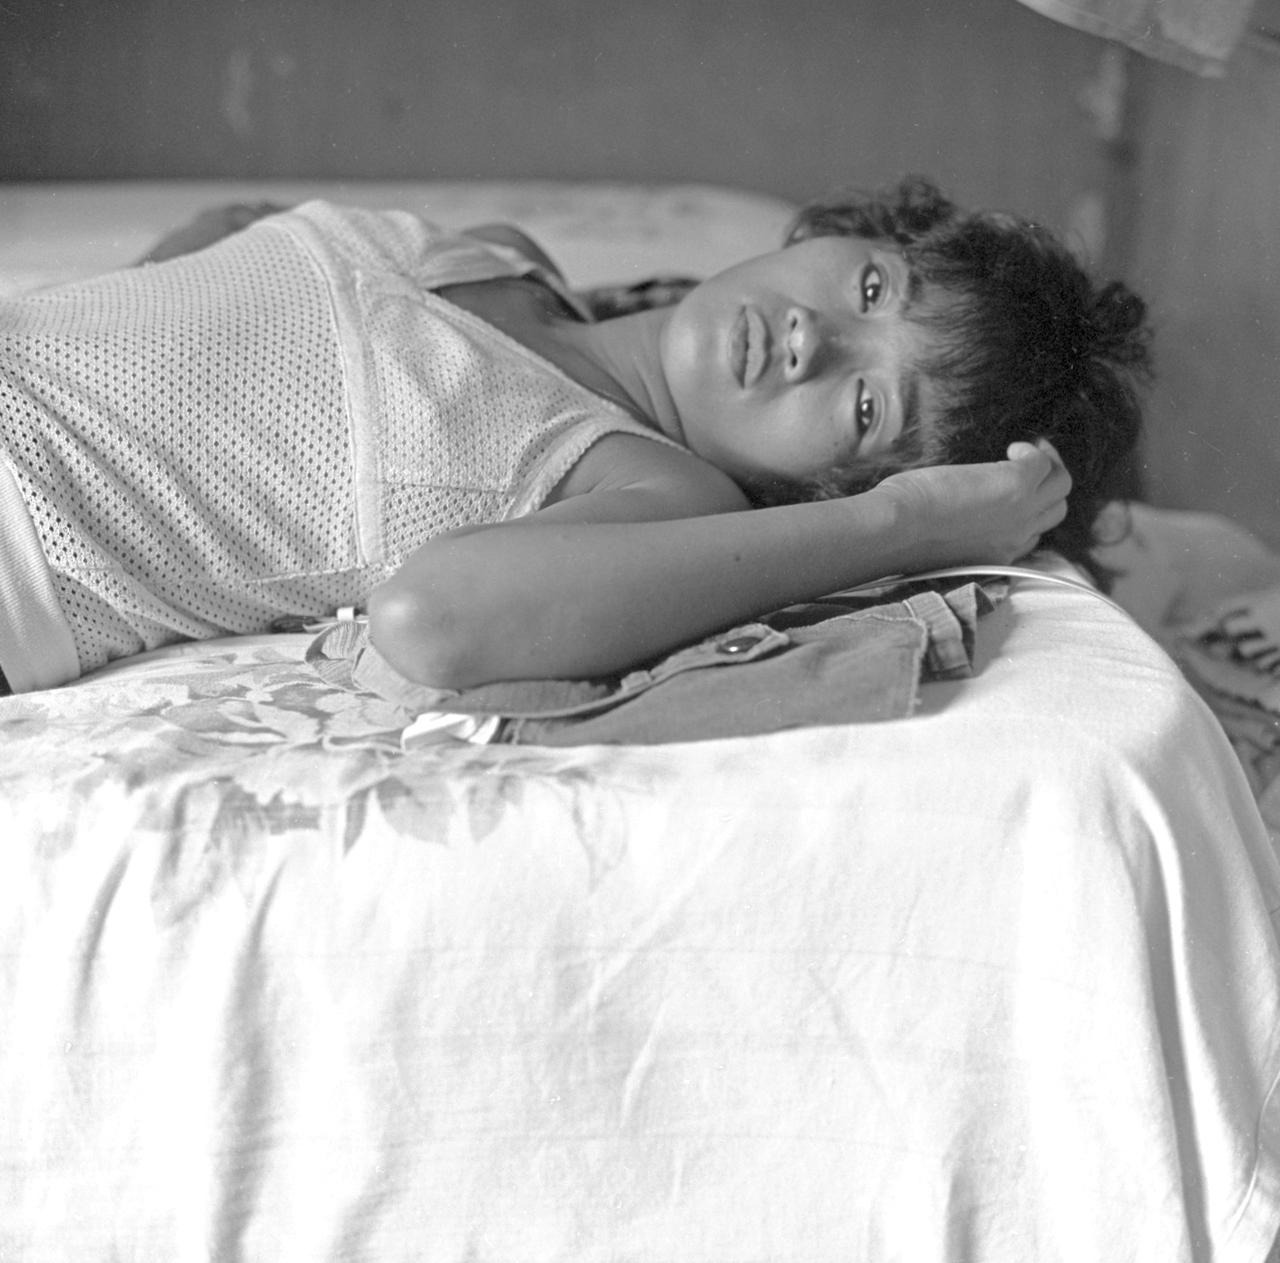 H. in Room, Bario Boretto, Subic Bay 1991